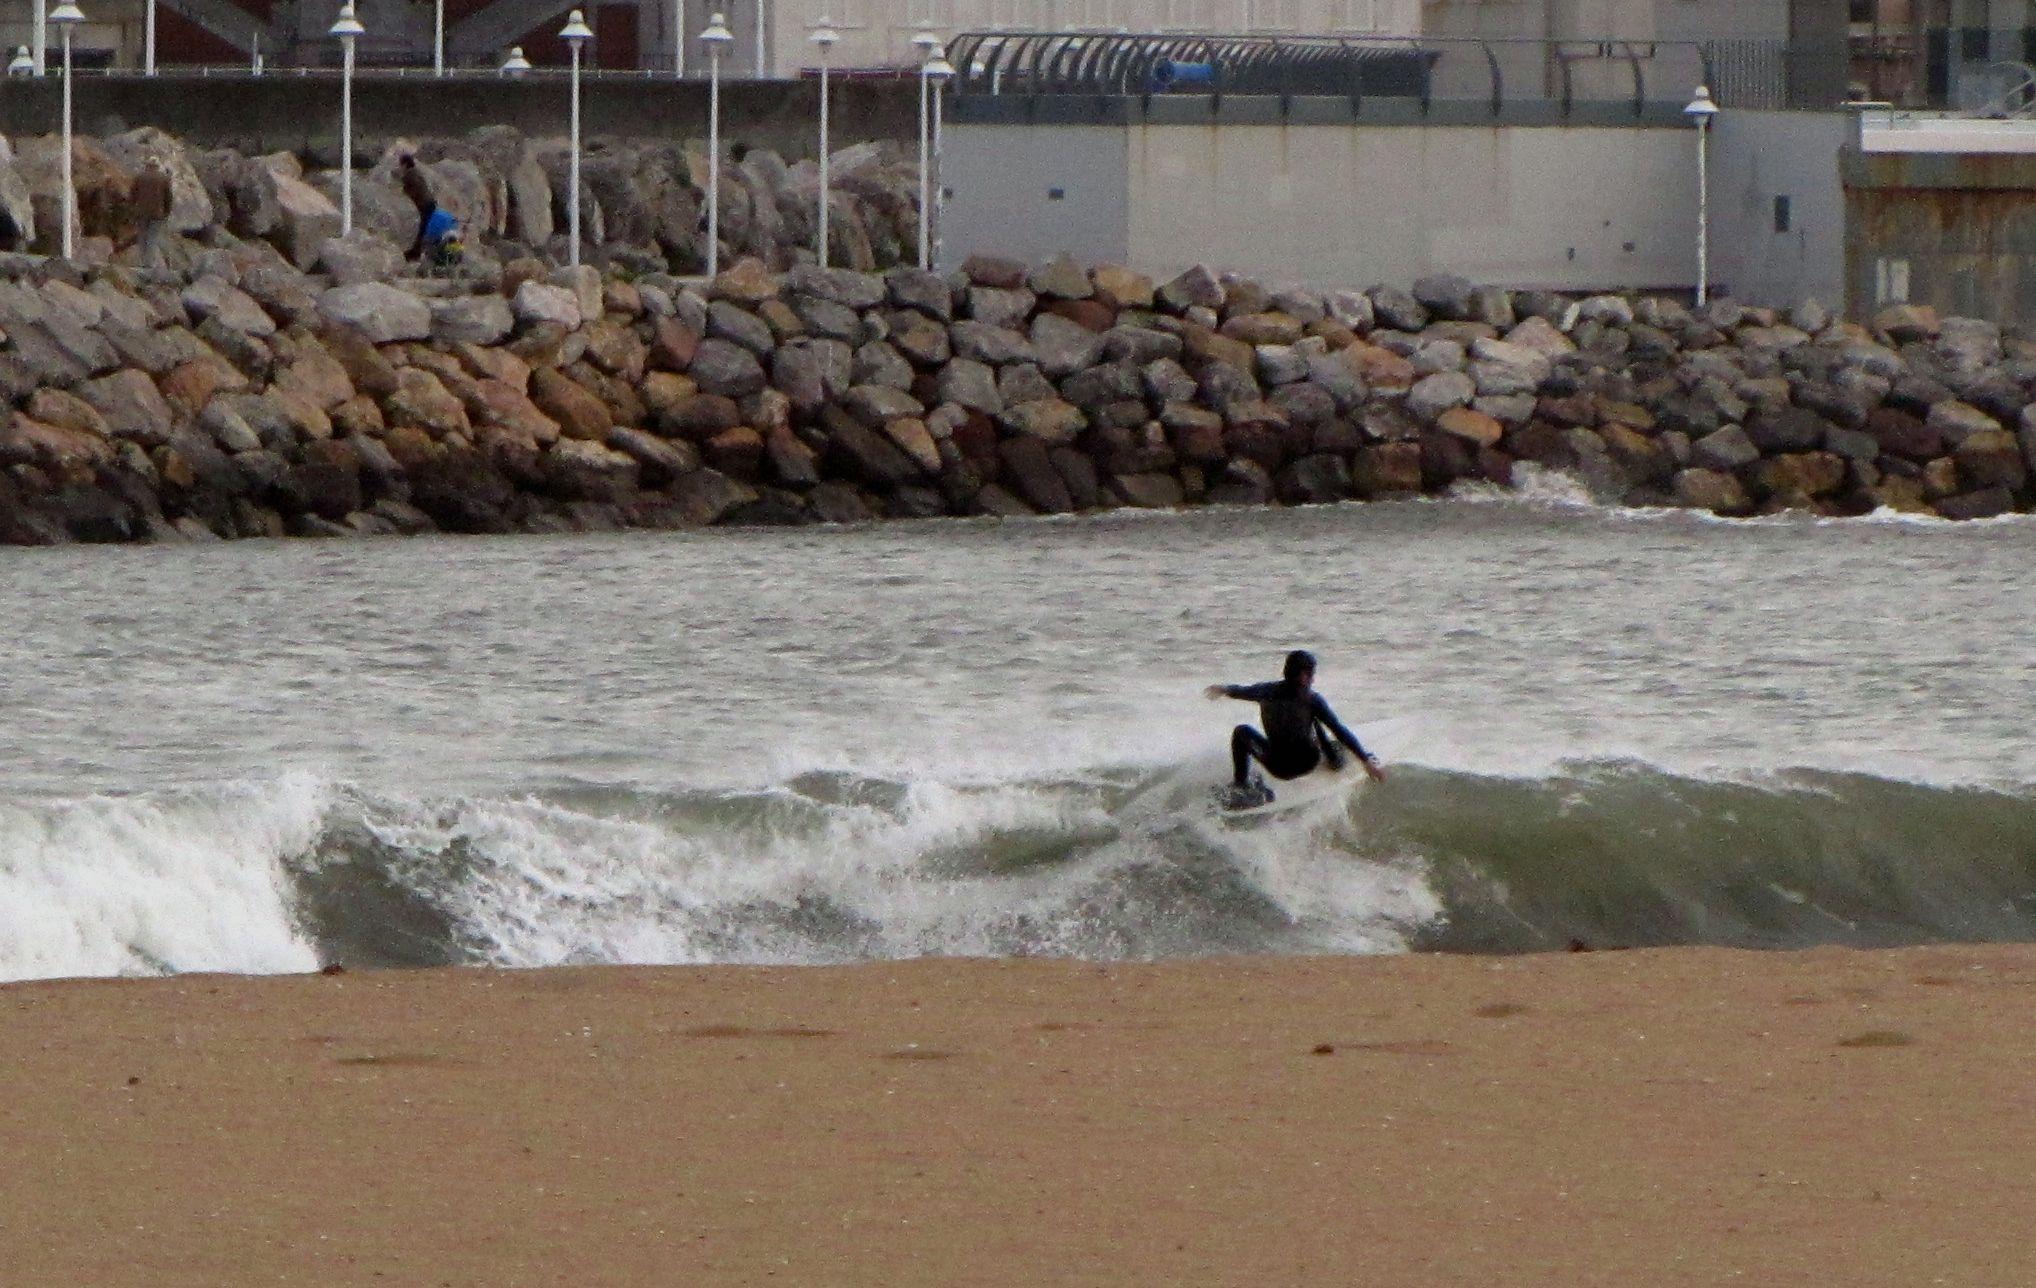 Yori haciendo un floater en la Playa de Poniente de Gijón